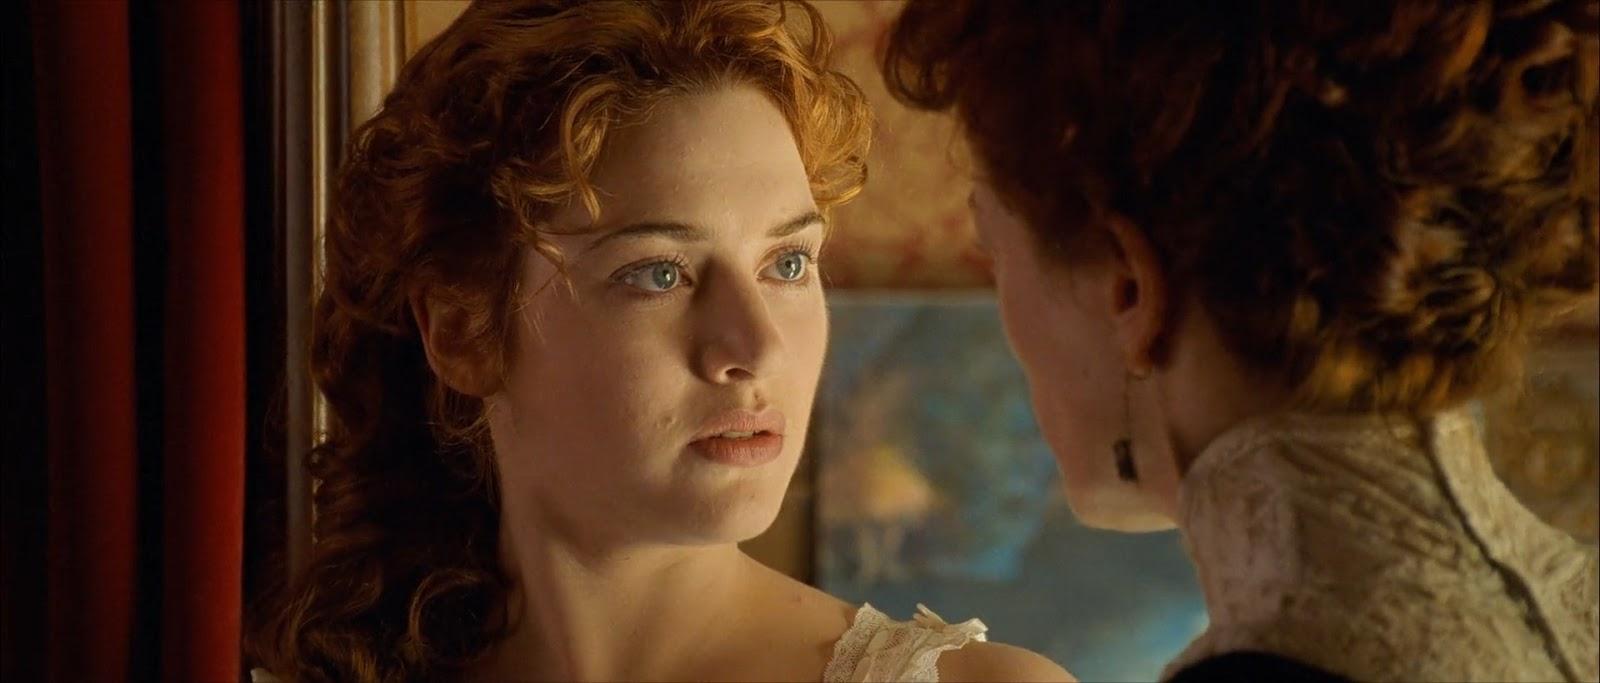 Titanic (1997) 3